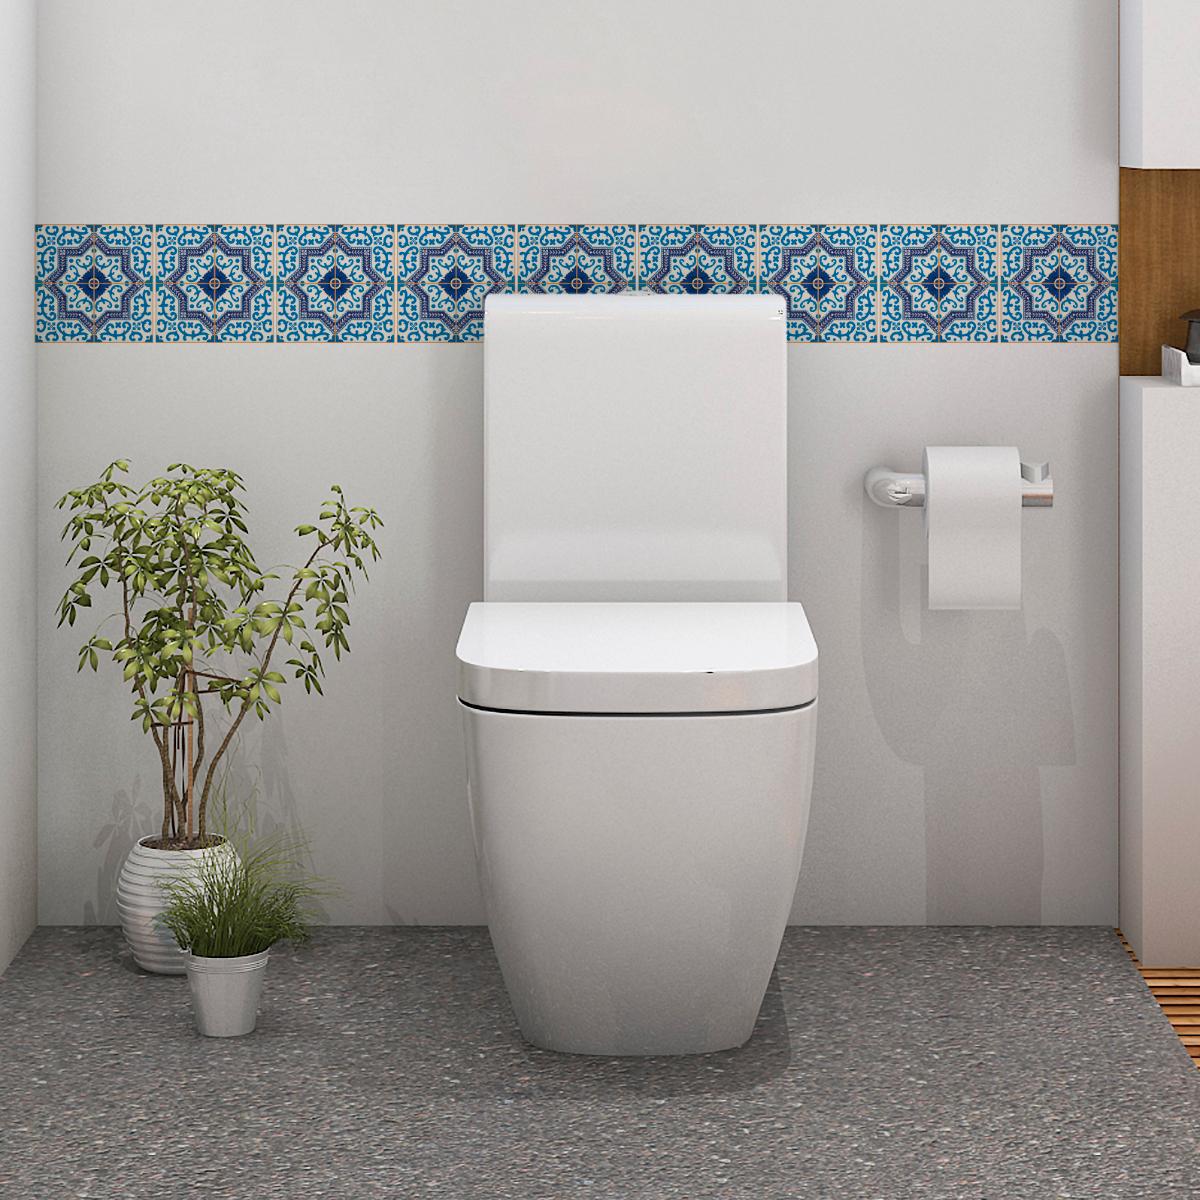 9 stickers carreaux de ciment azulejos aurelio salle de bain et wc salle de bain ambiance. Black Bedroom Furniture Sets. Home Design Ideas